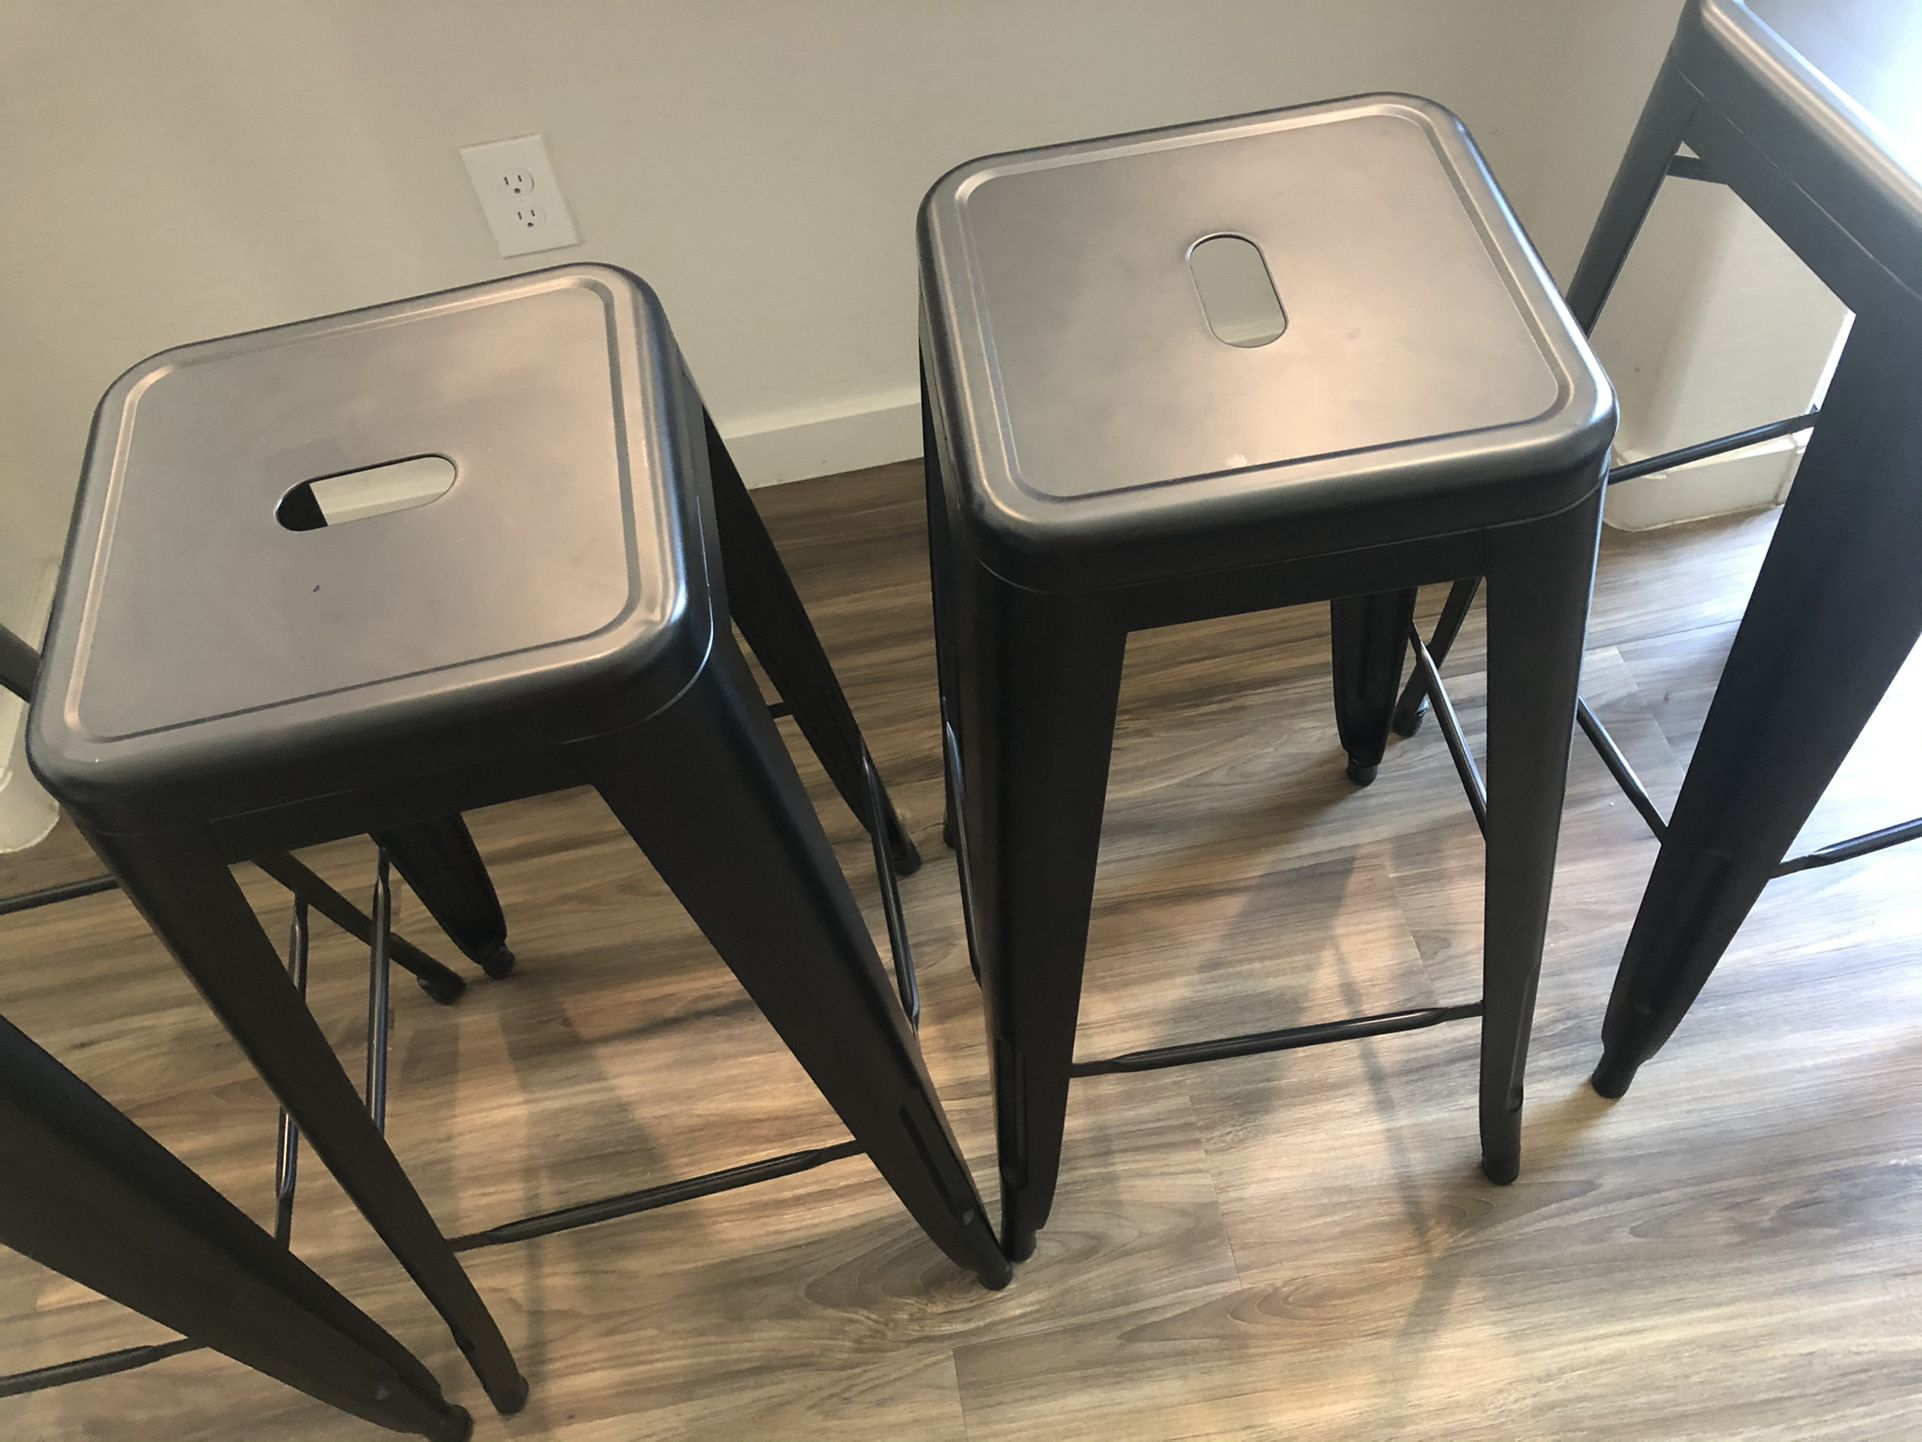 4 Metal Barstools